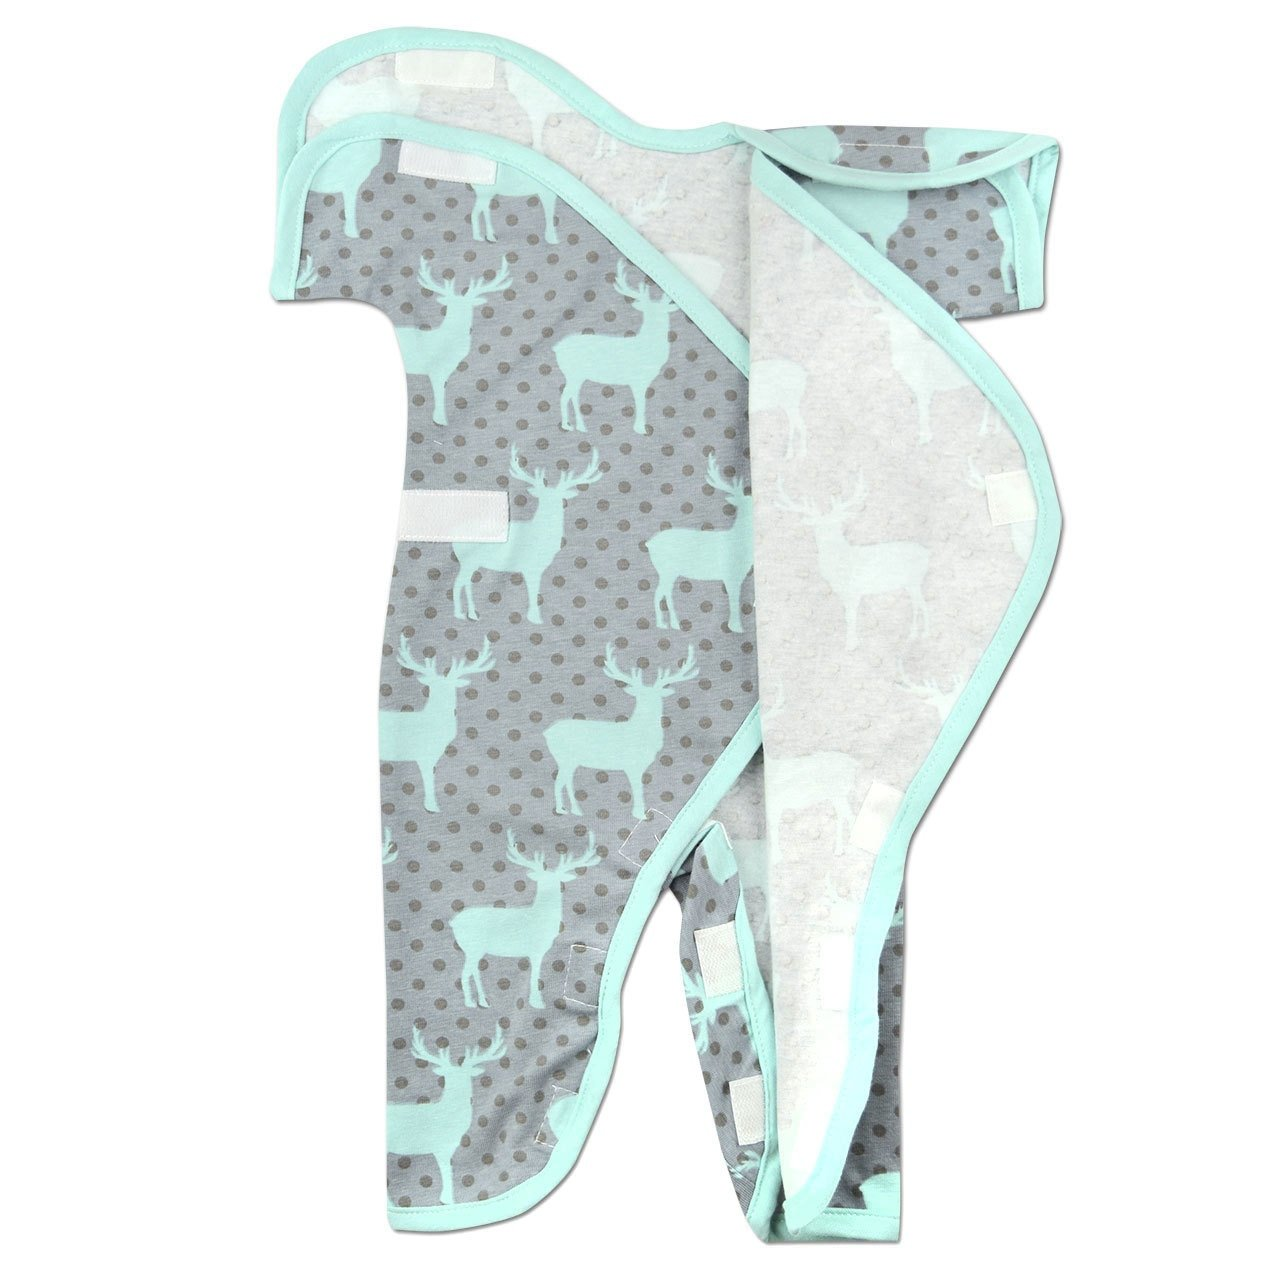 PP-105J-DREAMER-P NICU Friendly Preemie Perfectly Preemie Boys /& Girls Short-Sleeve NIC-Jumpsuit 3-6lbs